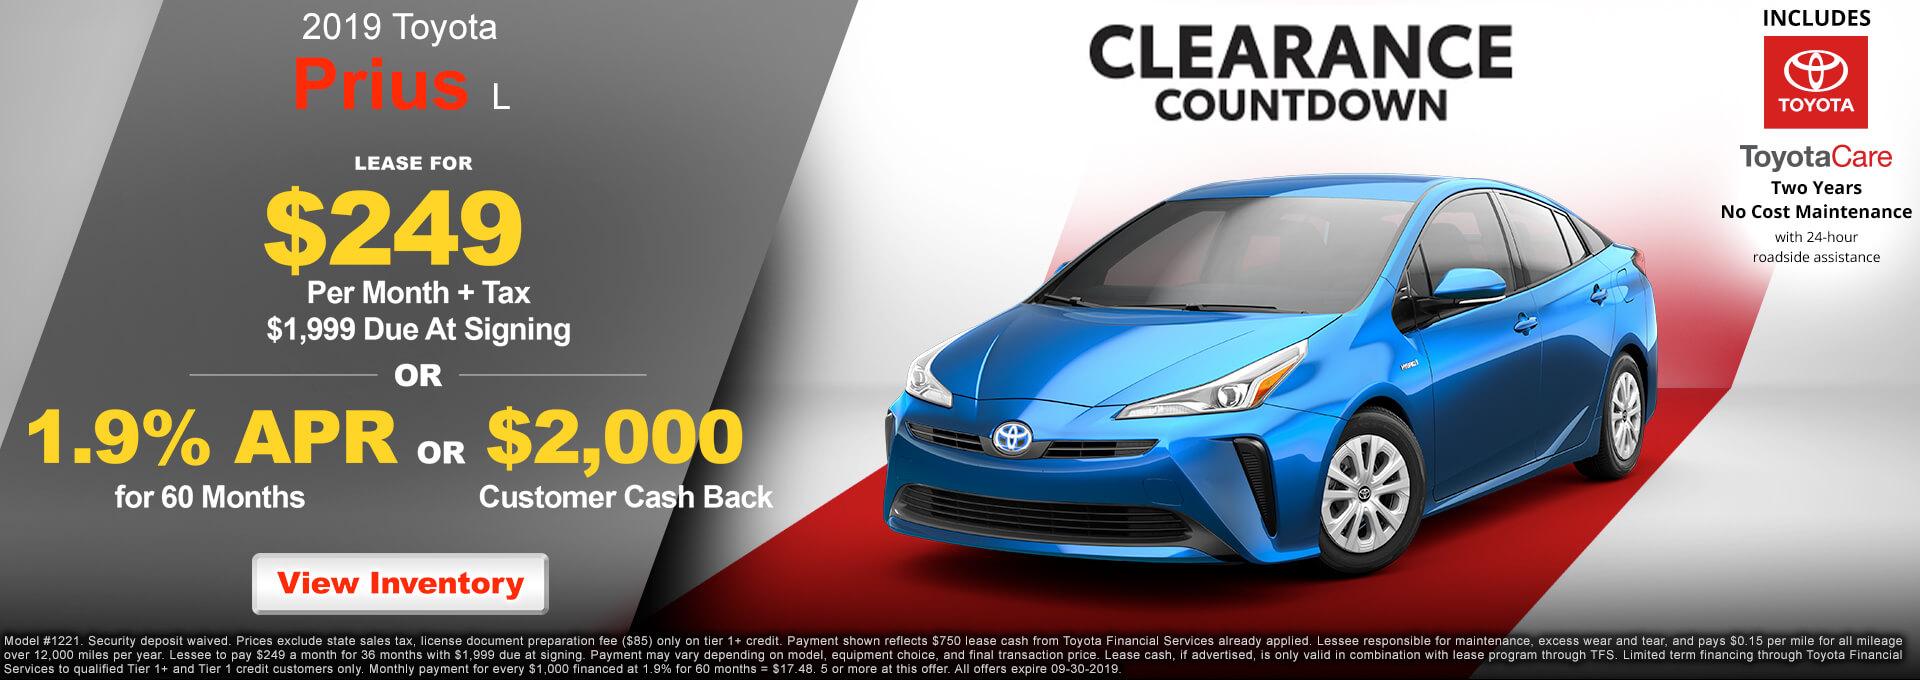 2019 Toyota Prius $299